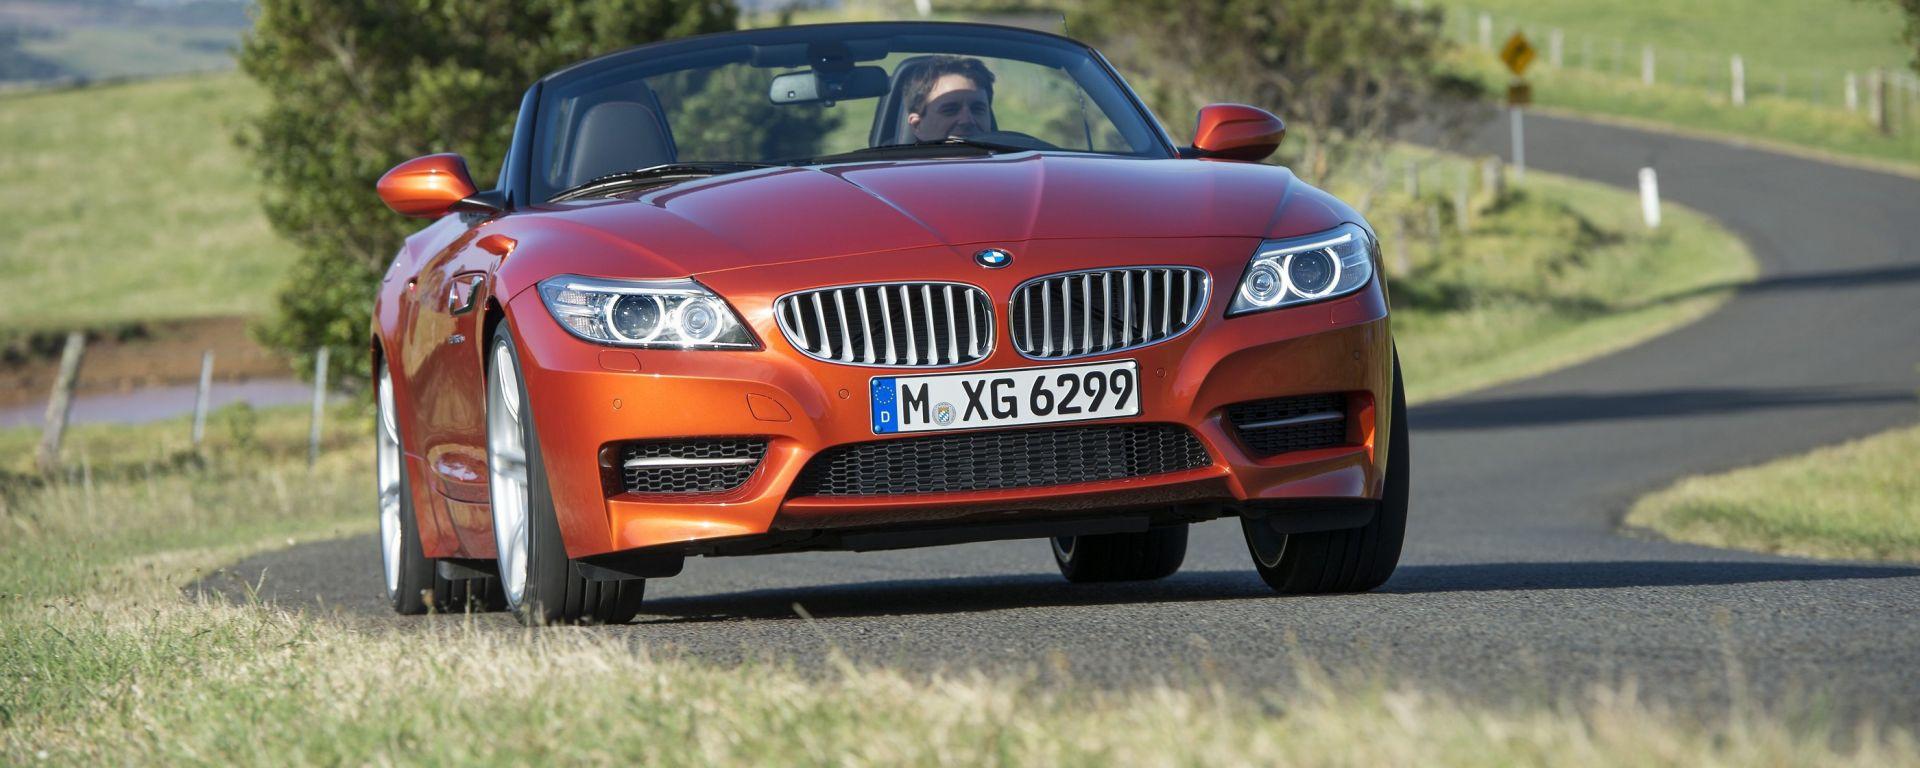 BMW continuerà ad avere una Z4 in gamma